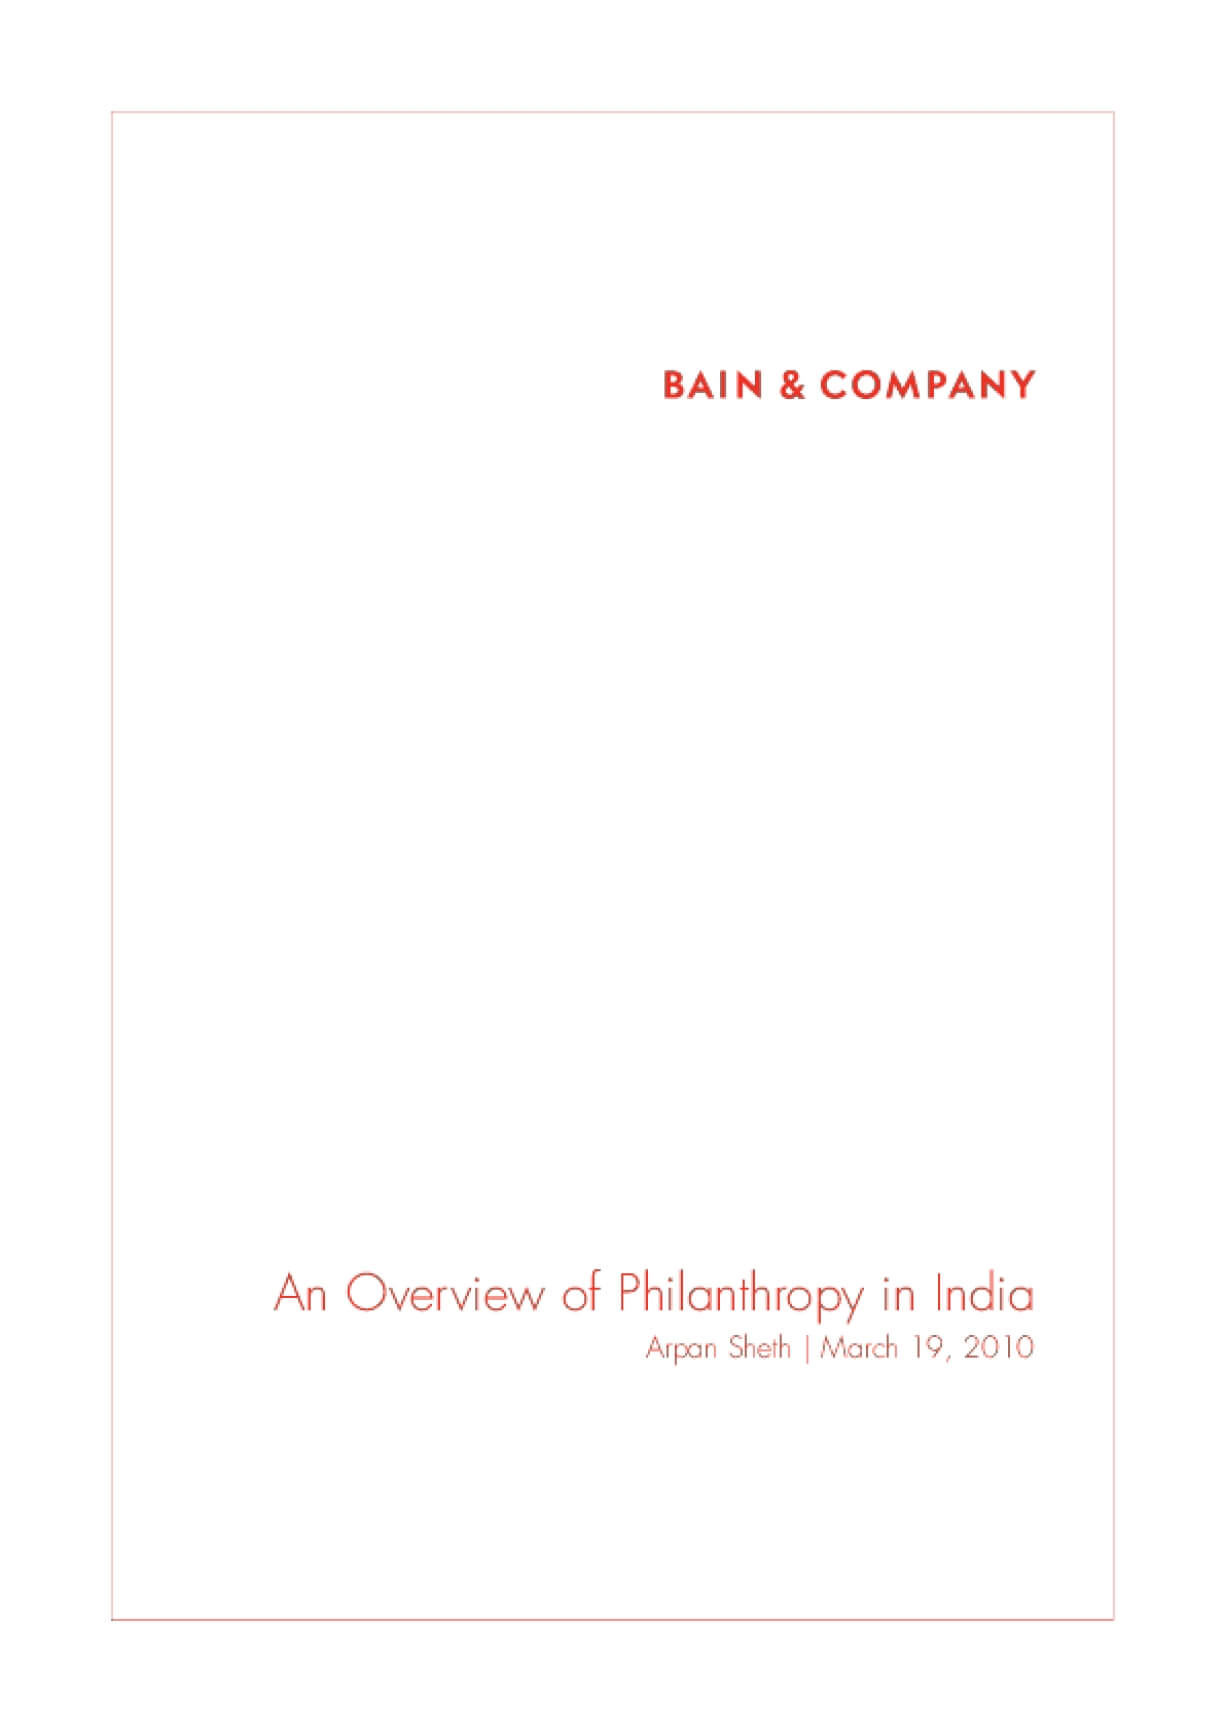 India Philanthropy Report 2010